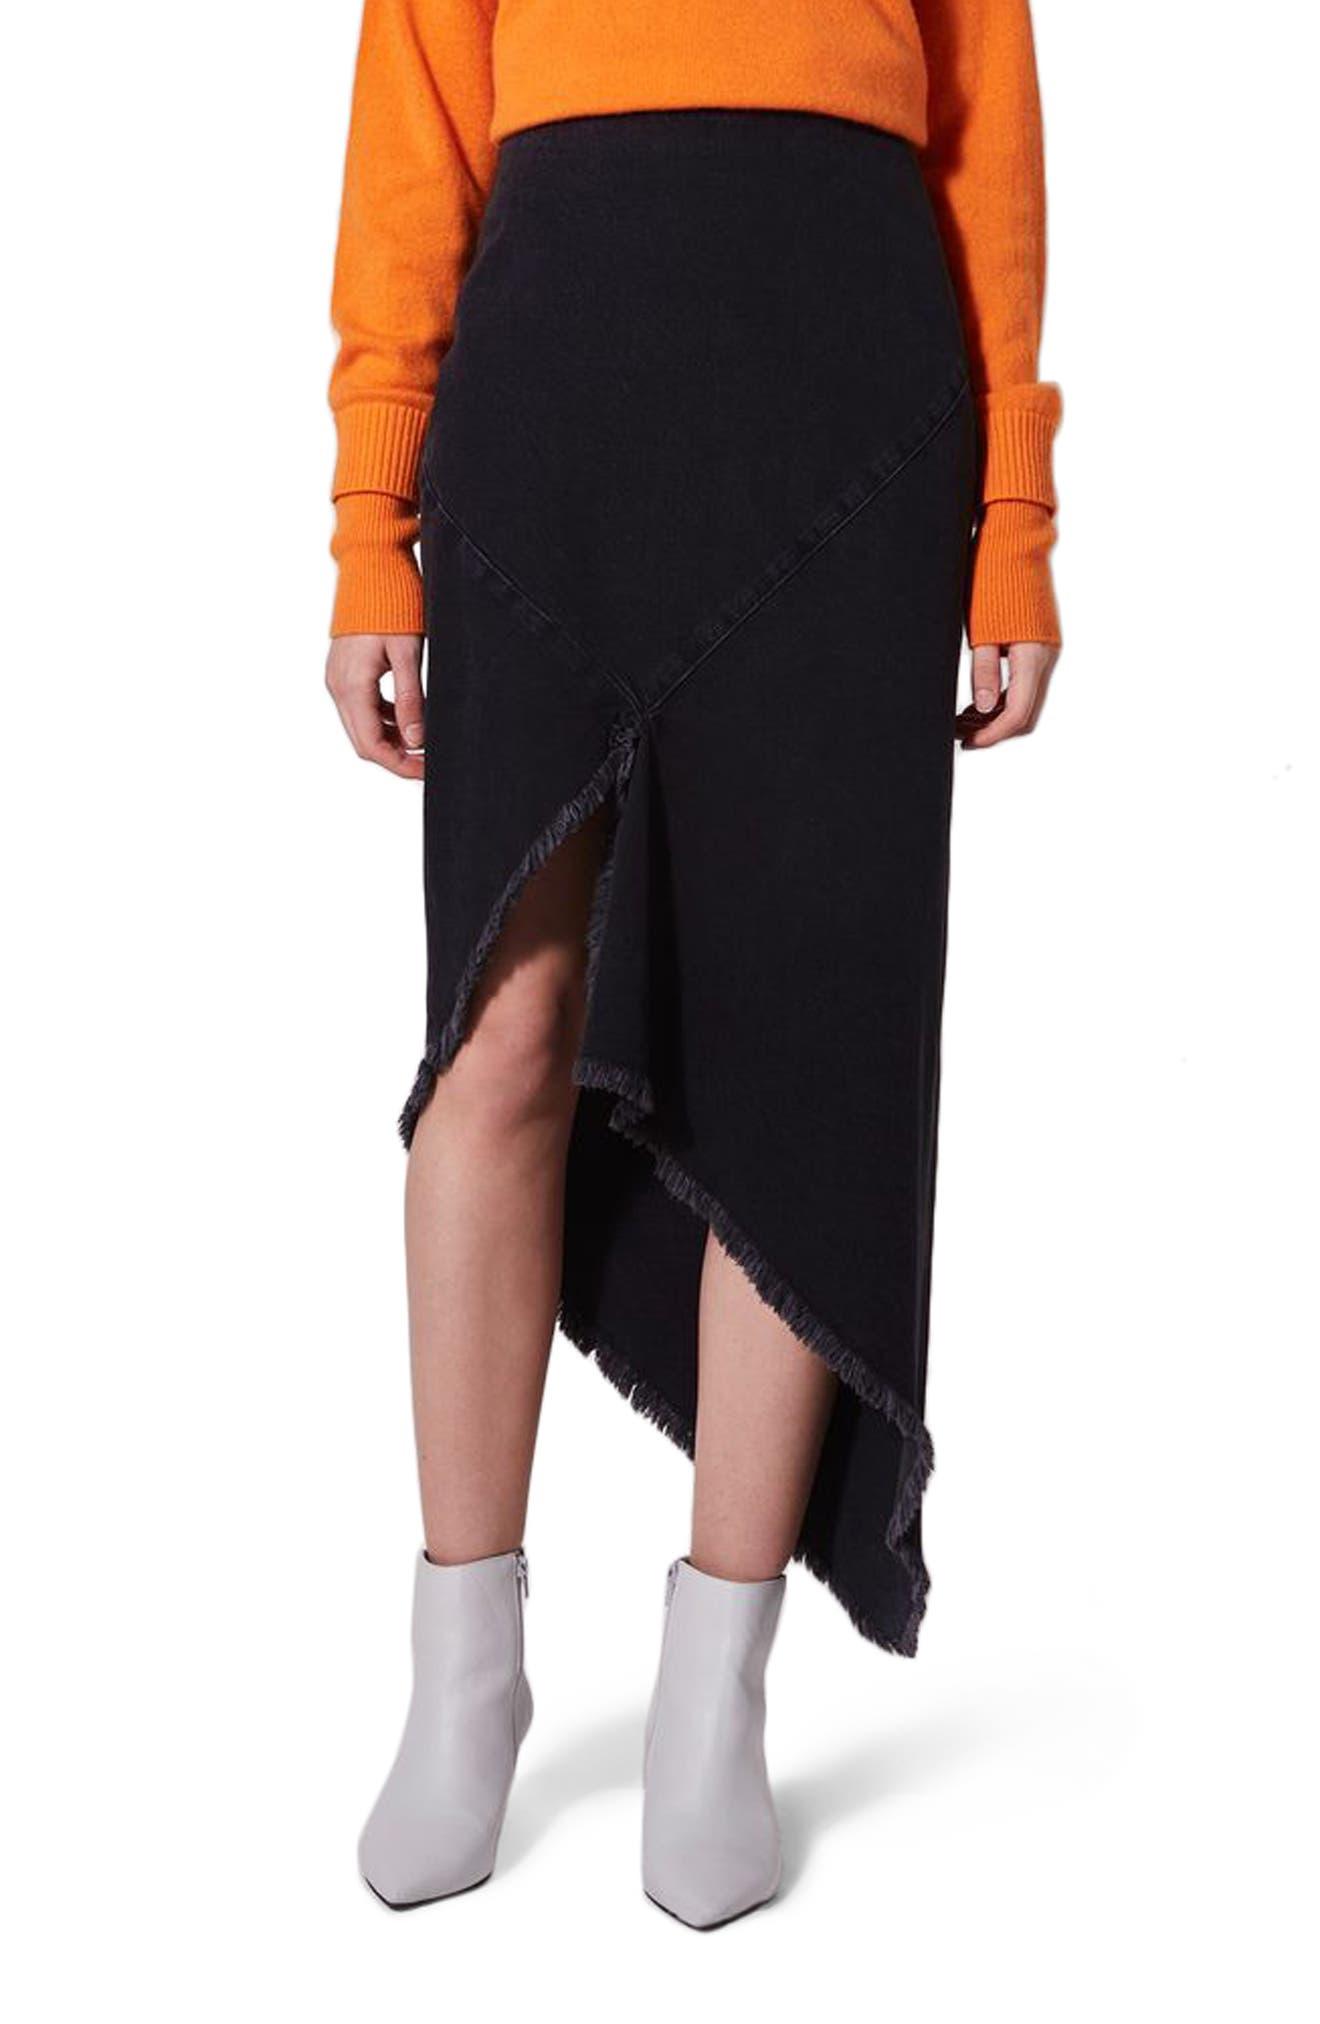 Topshop Boutique Spiral Seam Black Denim Skirt